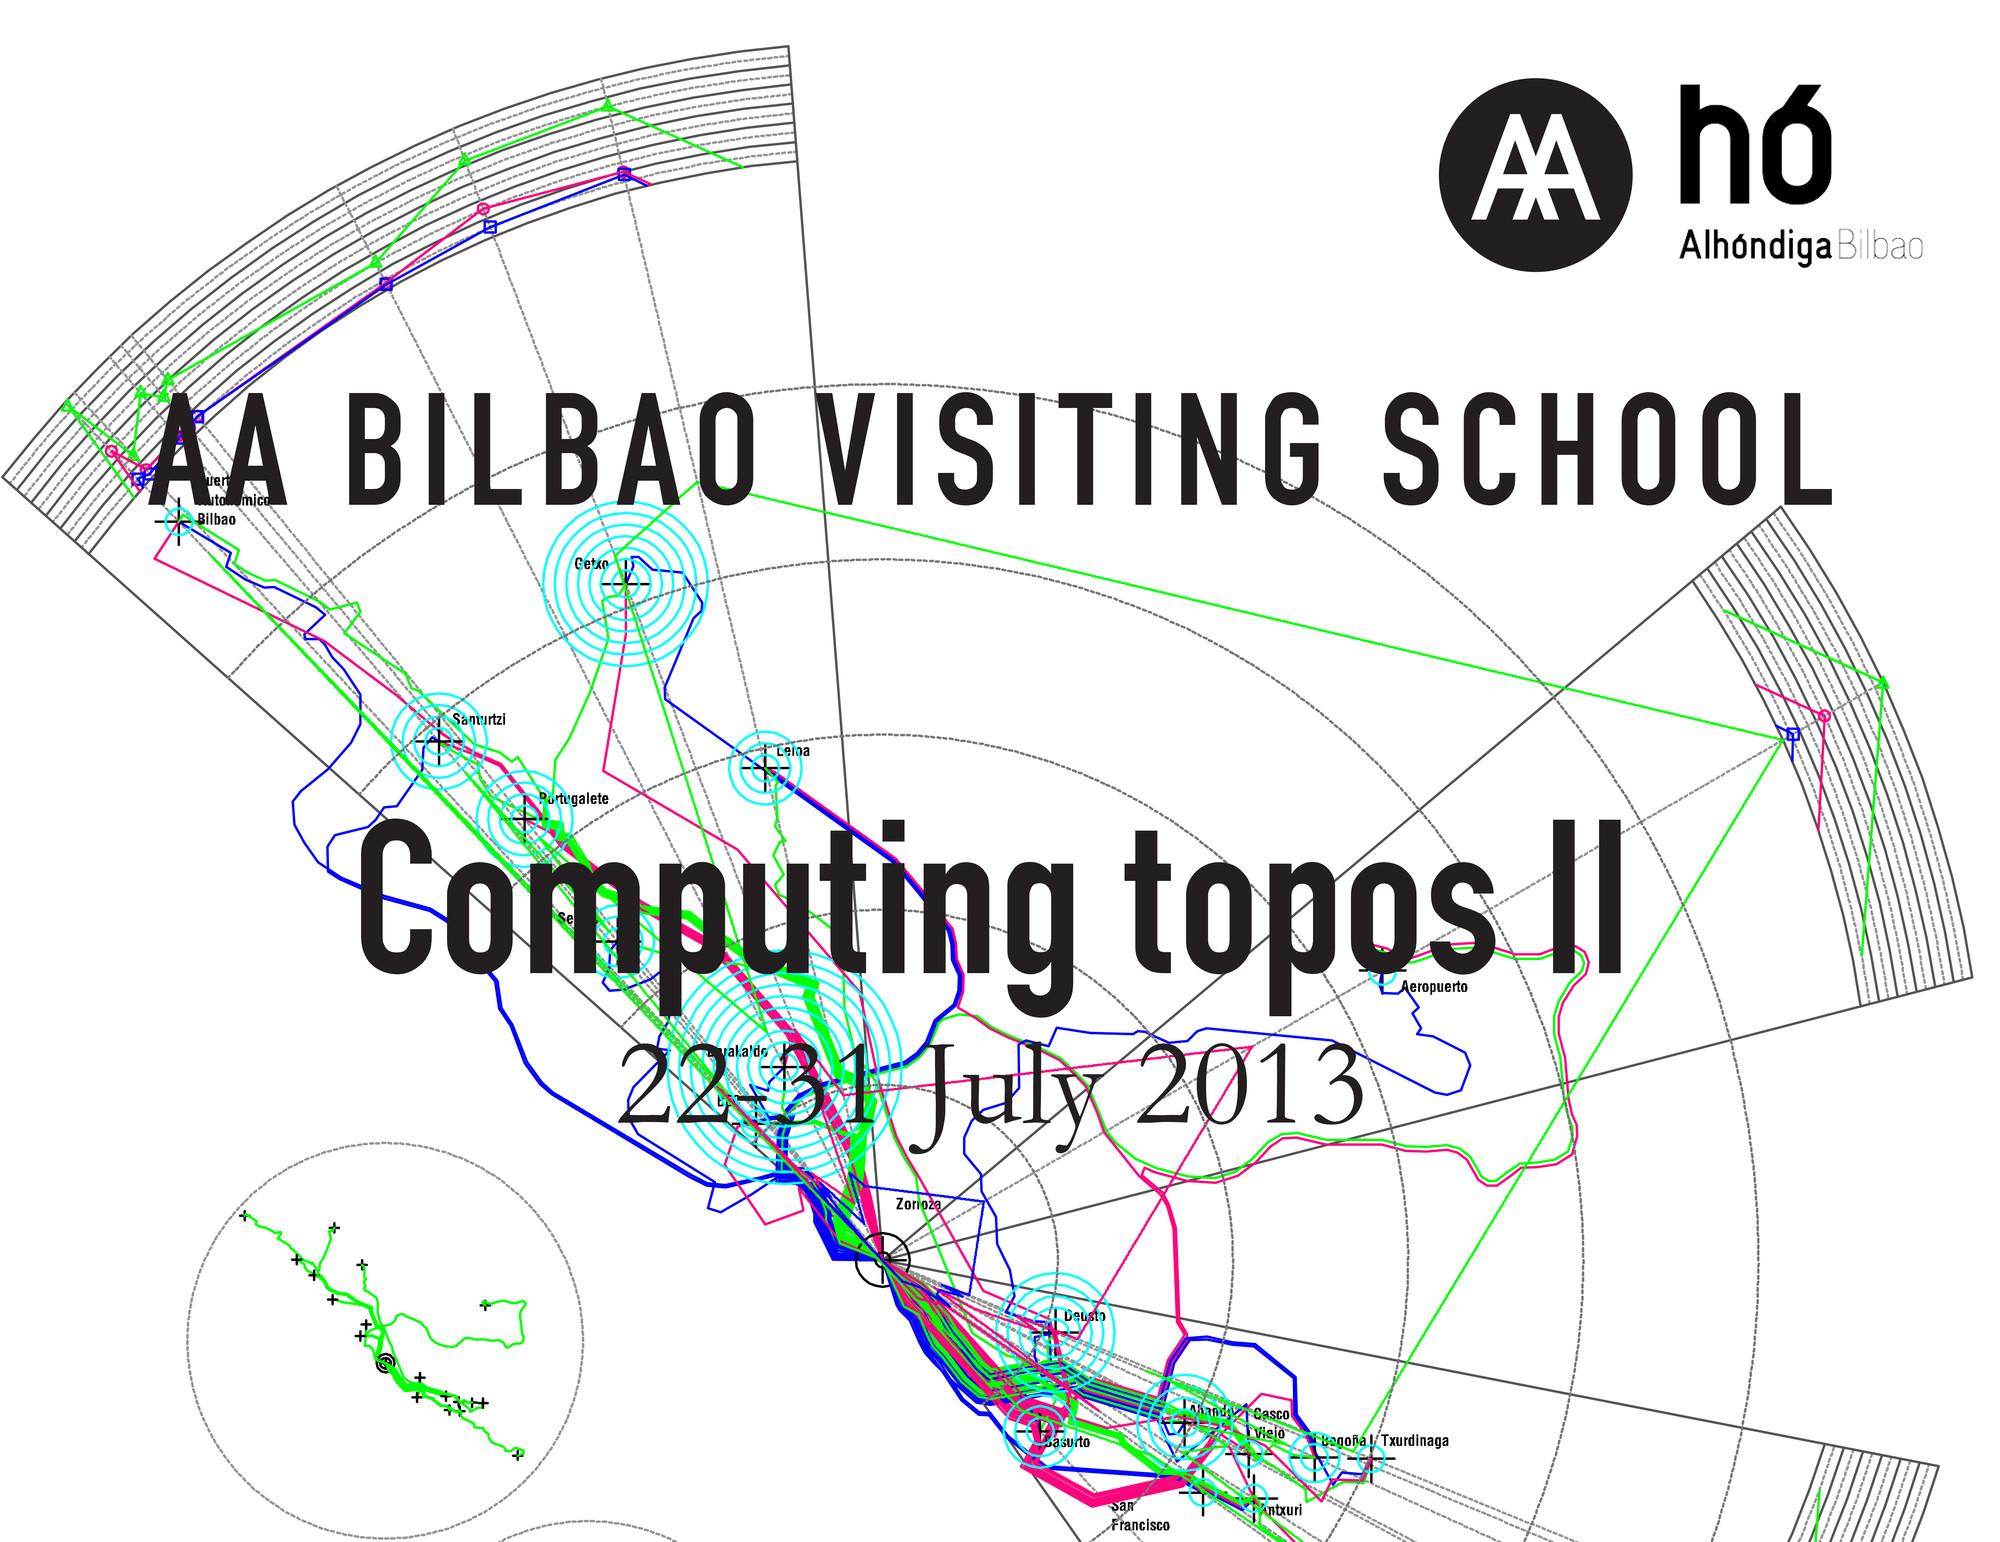 """AA Bilbao Visiting School: """"Computing topos II"""", © AA Visting School"""